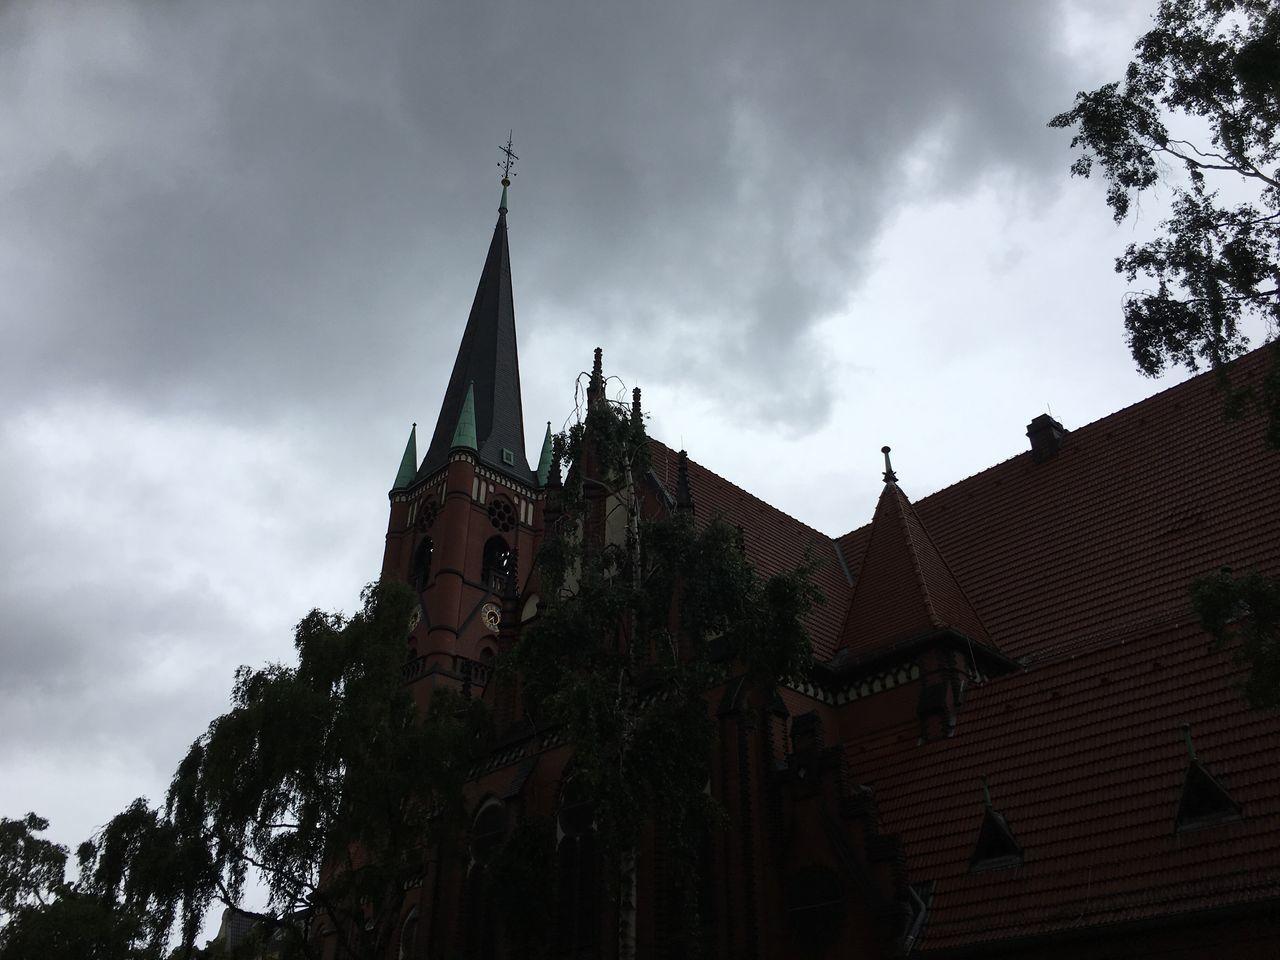 Götterdämmerung Samariterkirche SamariterKiez Clouds Dark Weather